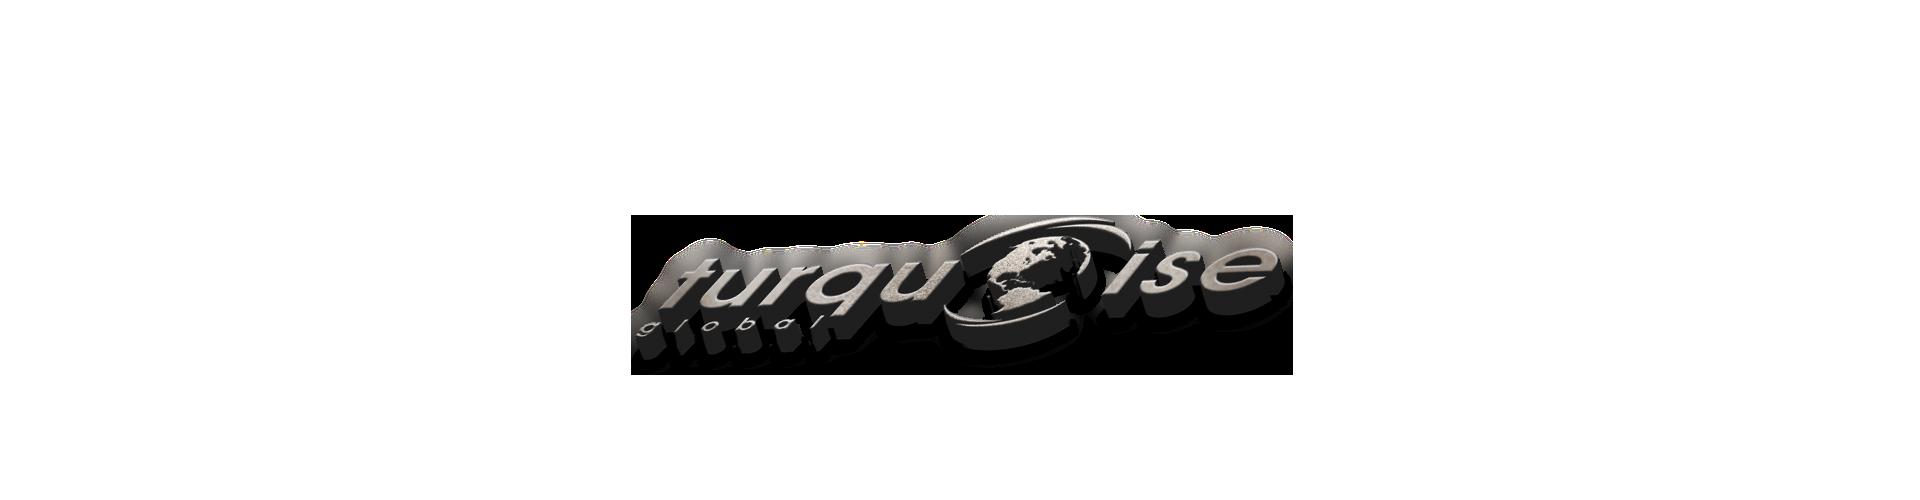 turquise logo.png